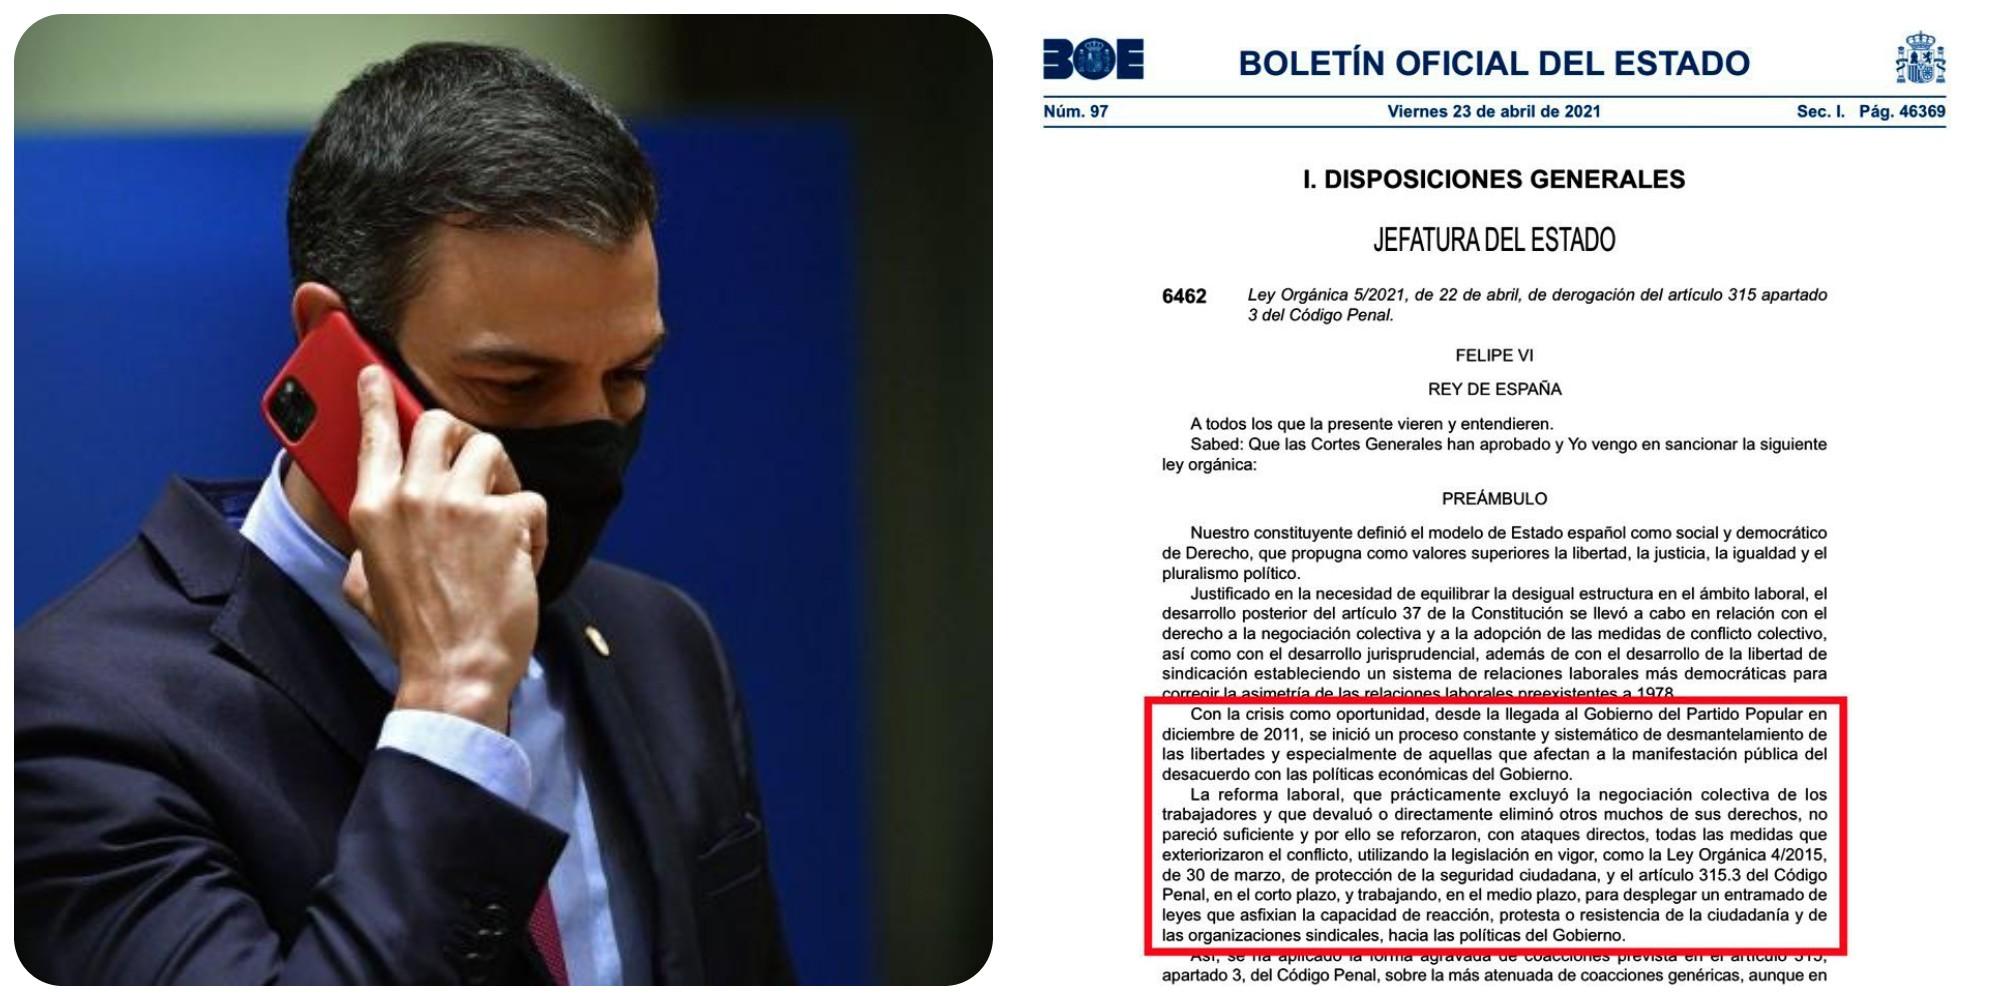 El Gobierno Sánchez usa hasta el BOE para atacar al Partido Popular